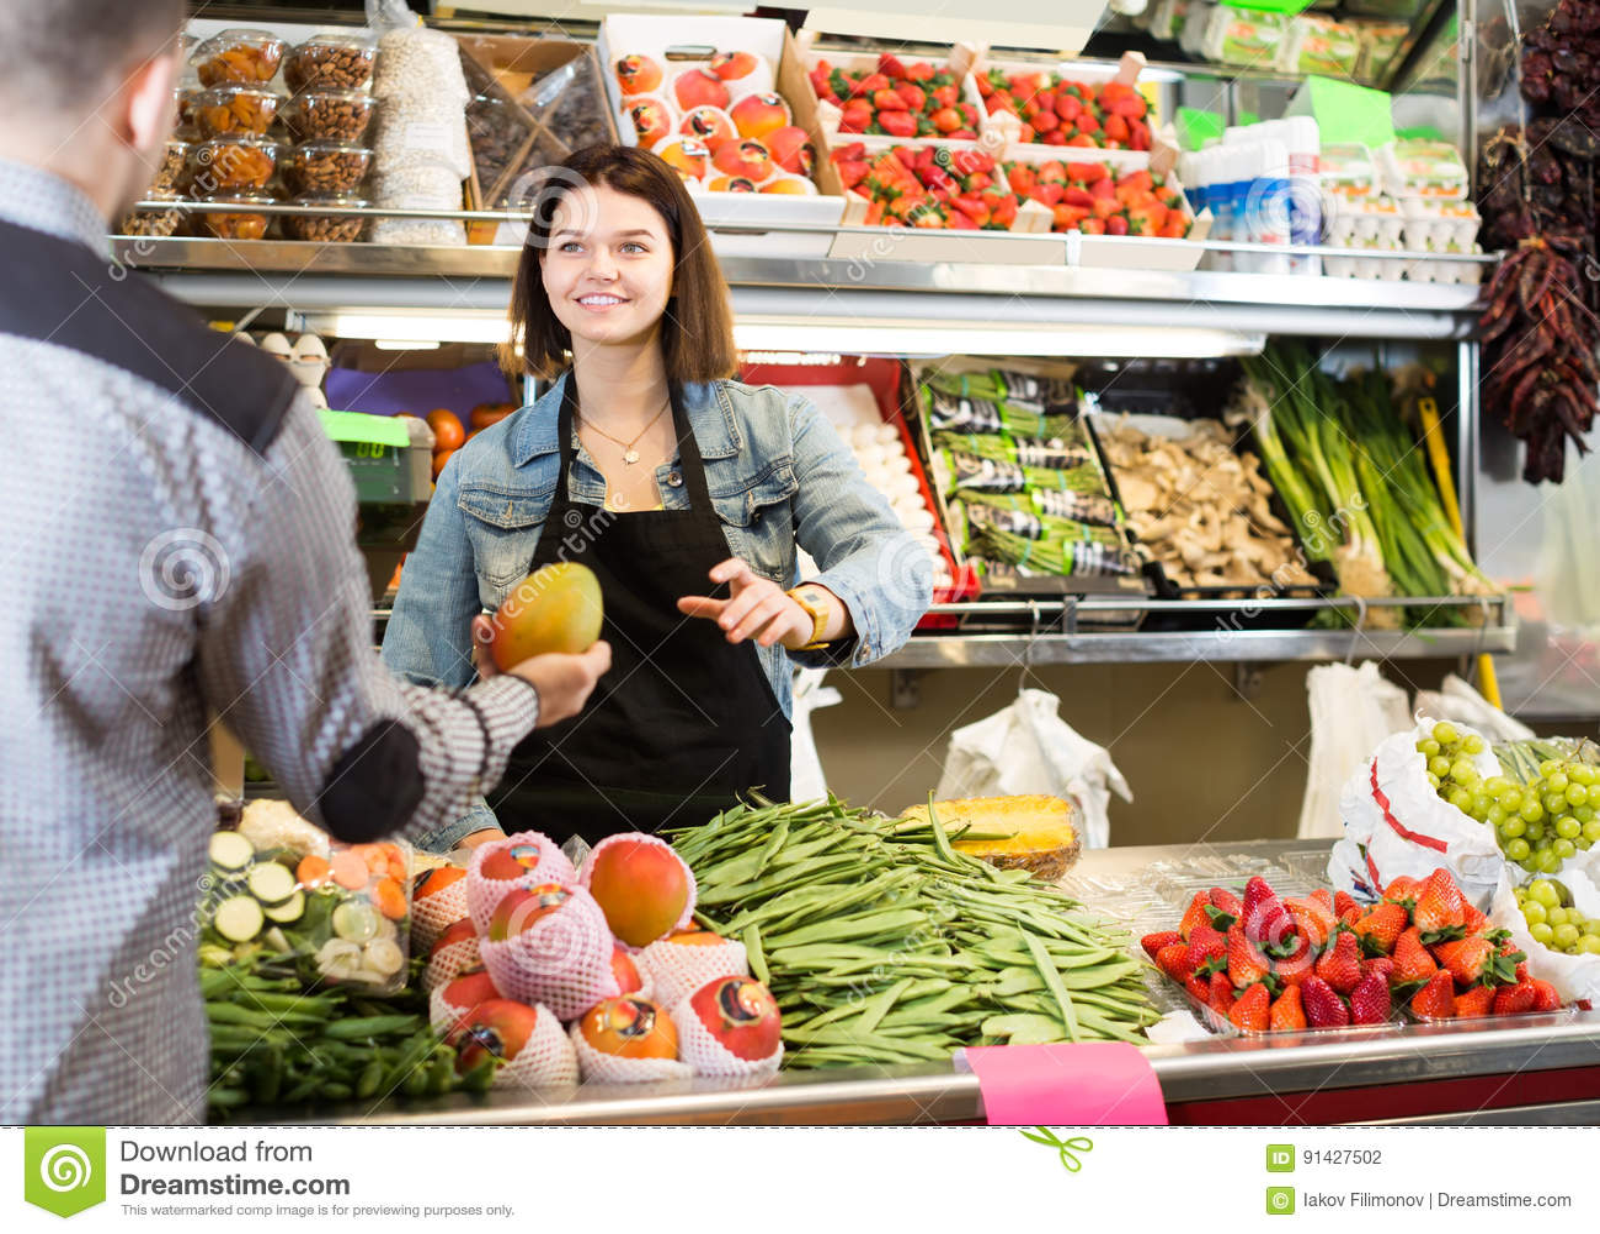 bd573a0cc4a27d De glimlachende vrouwelijke verkopers bijwonende klant om vers fruit te  kopen en de groenten in kruidenierswinkel winkelen